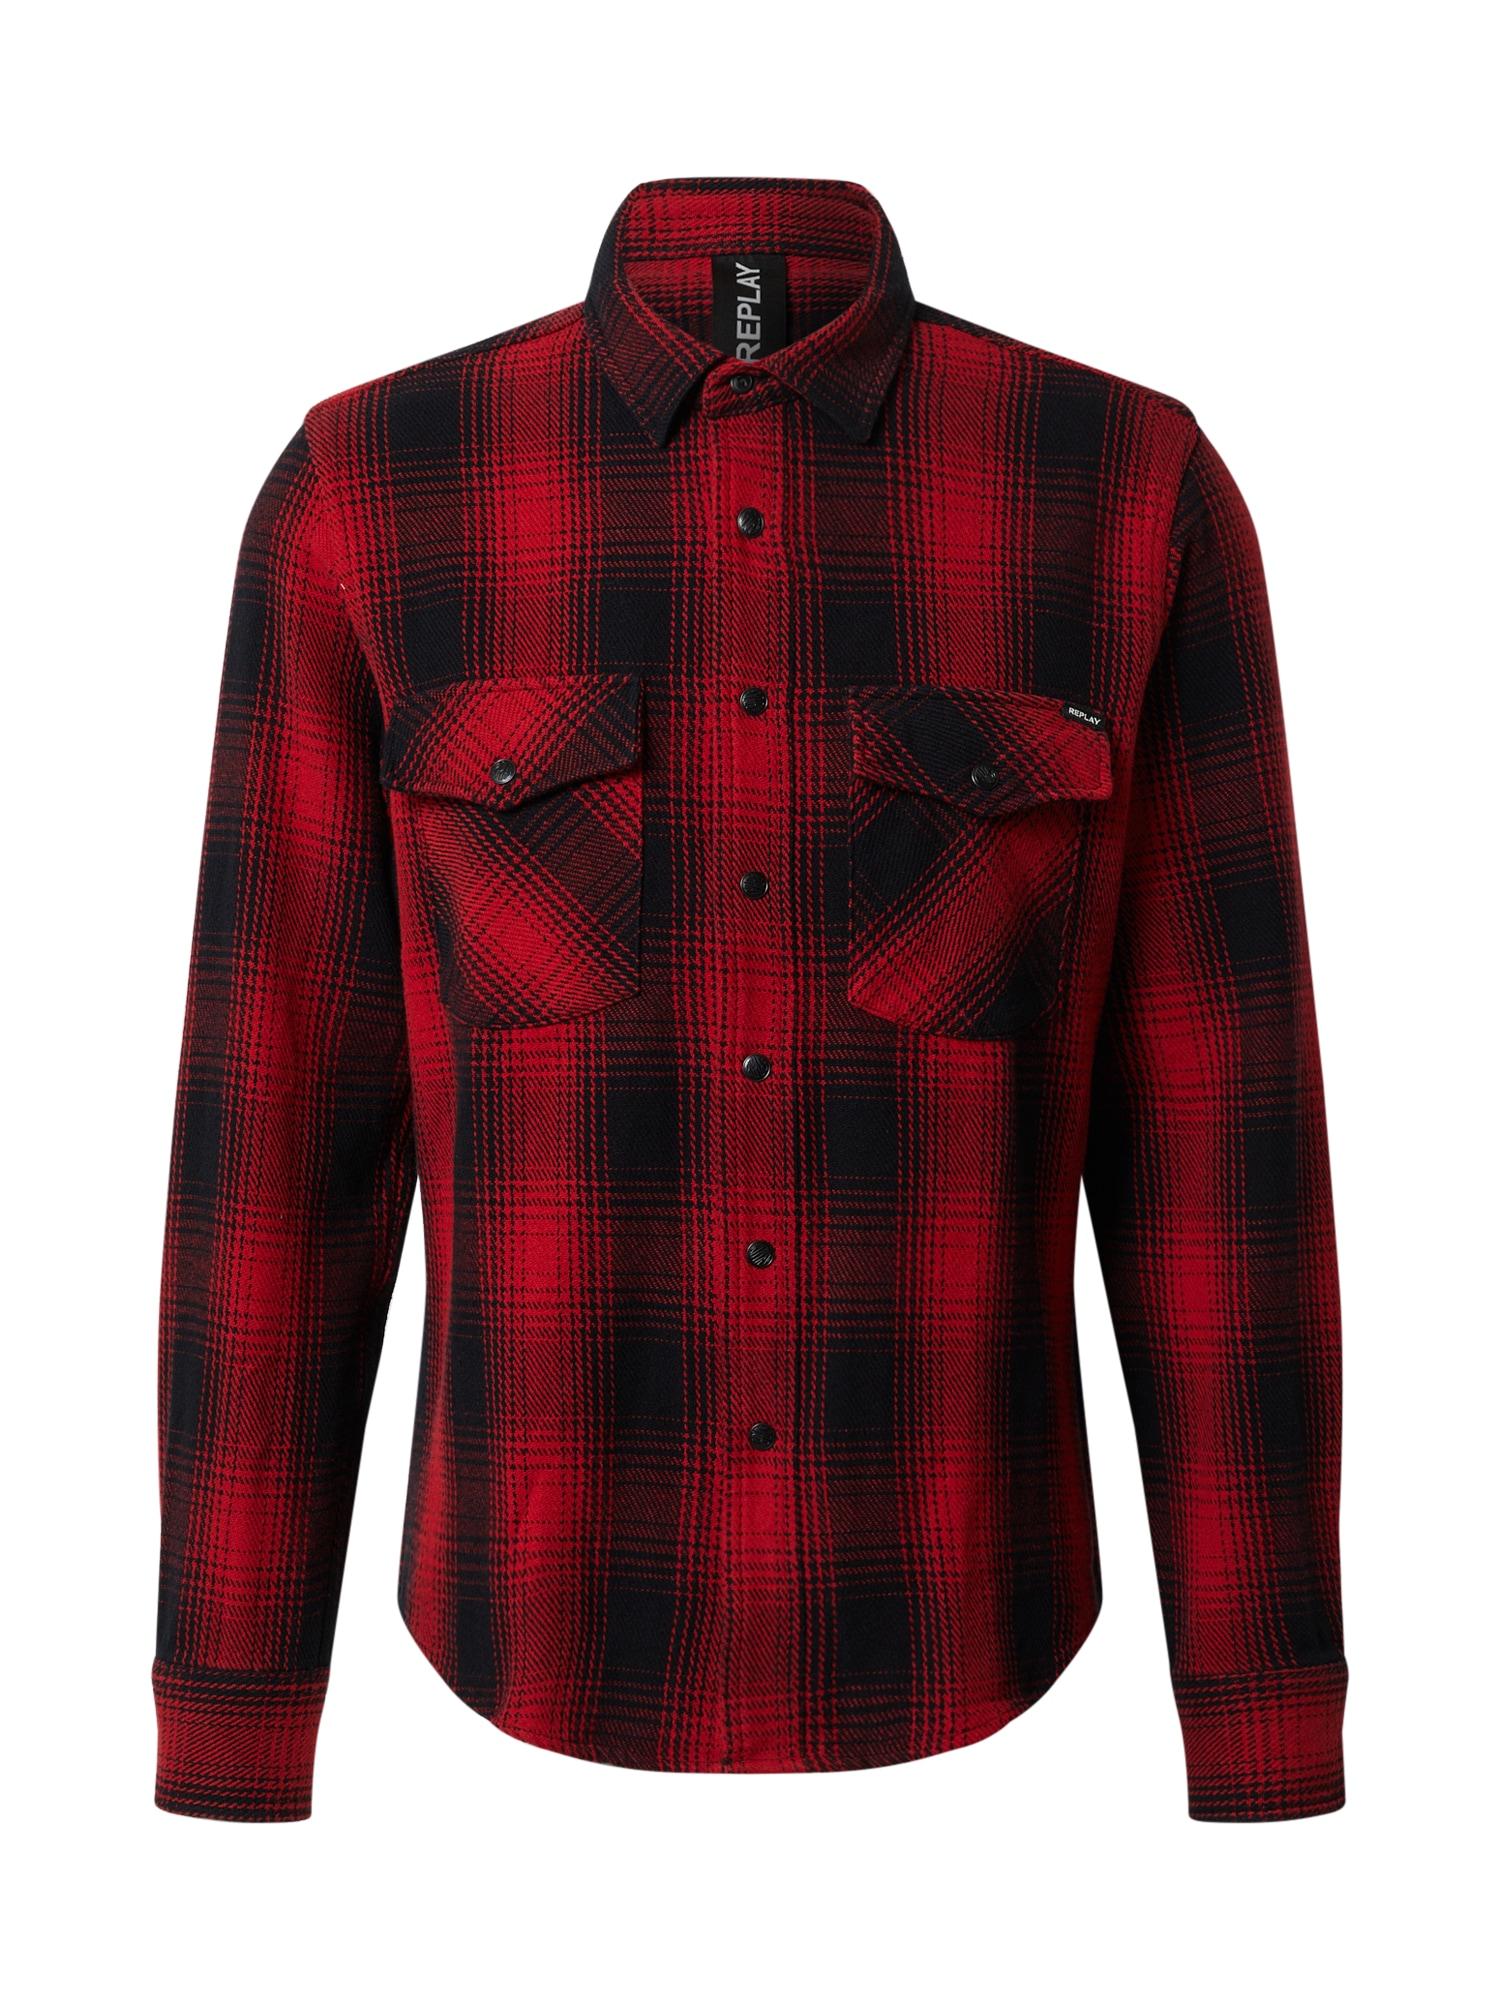 REPLAY Marškiniai juoda / raudona